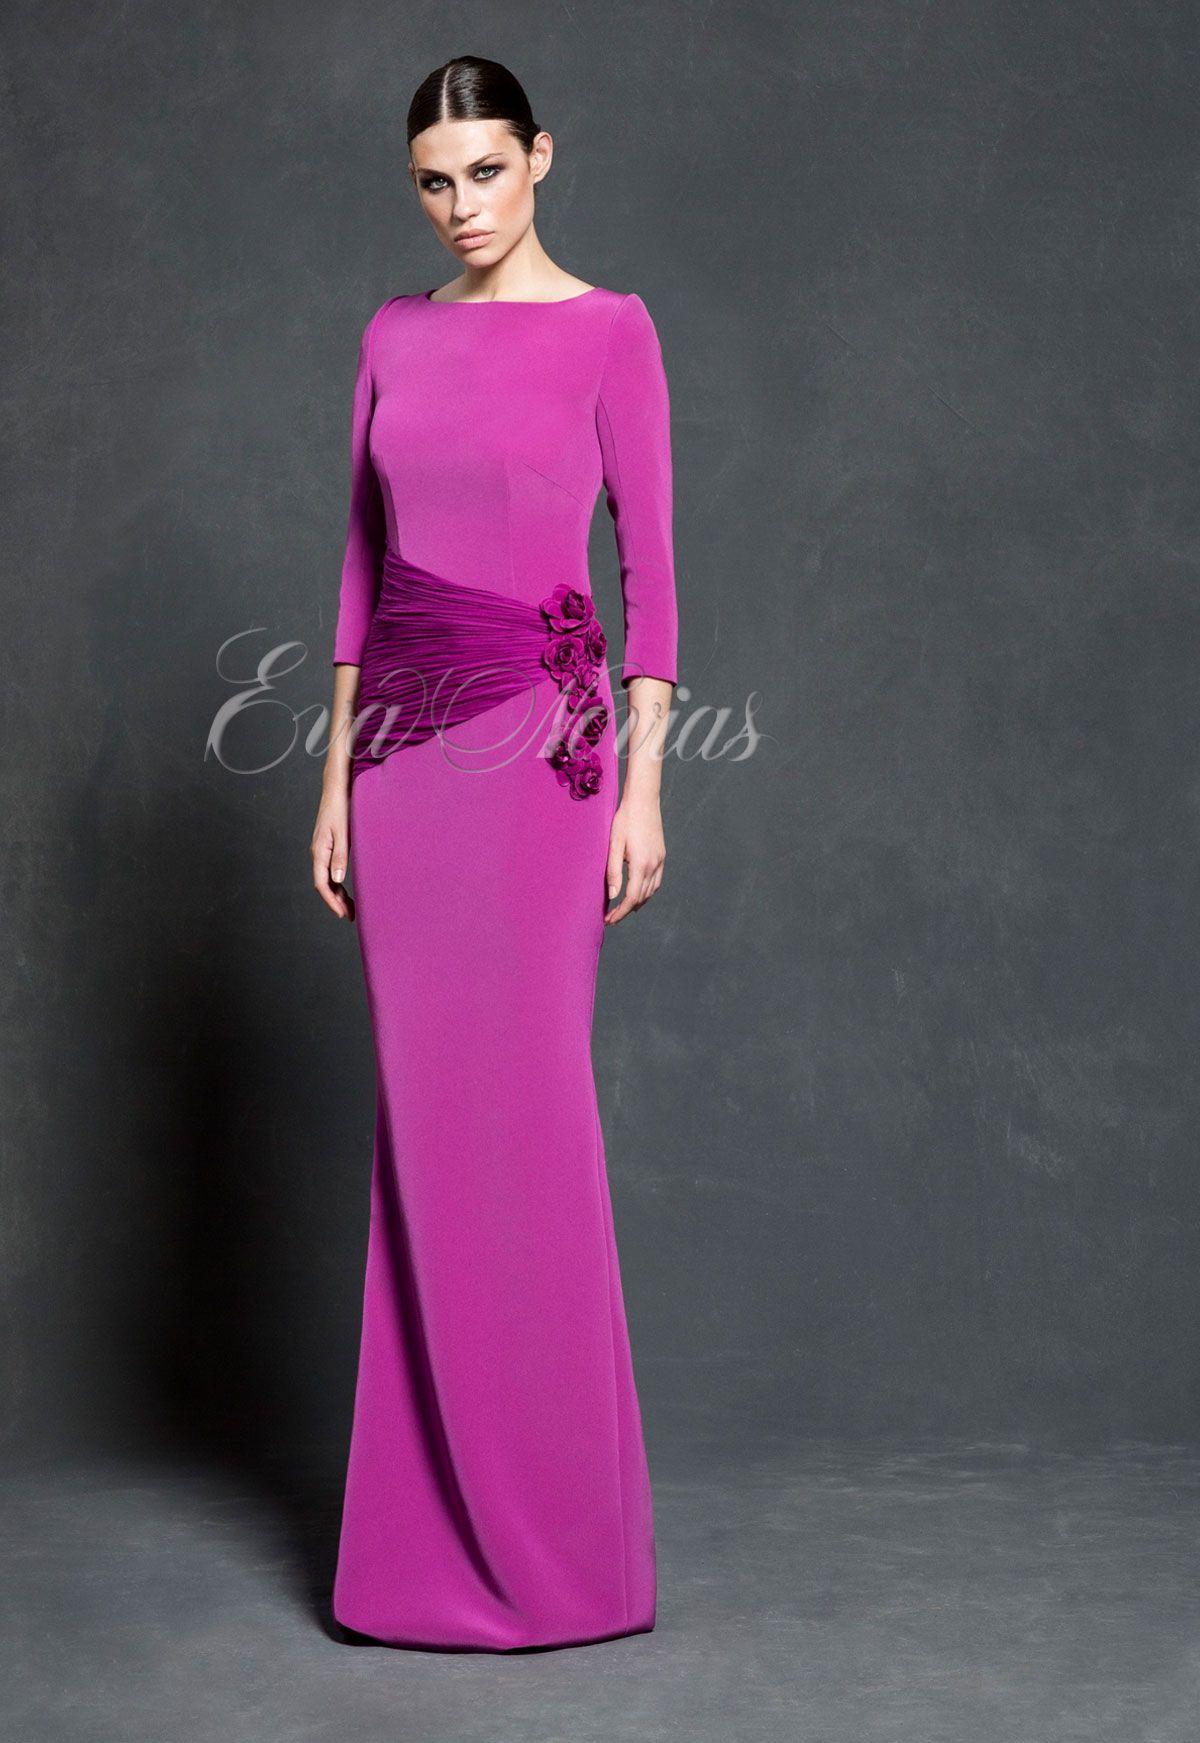 d1e9d281 Vestido de fiesta de Vicky Martín Berrocal colección 2016 modelo 403. # vestido #dress #boda #bridal #fashion #madrina #tienda #madrid